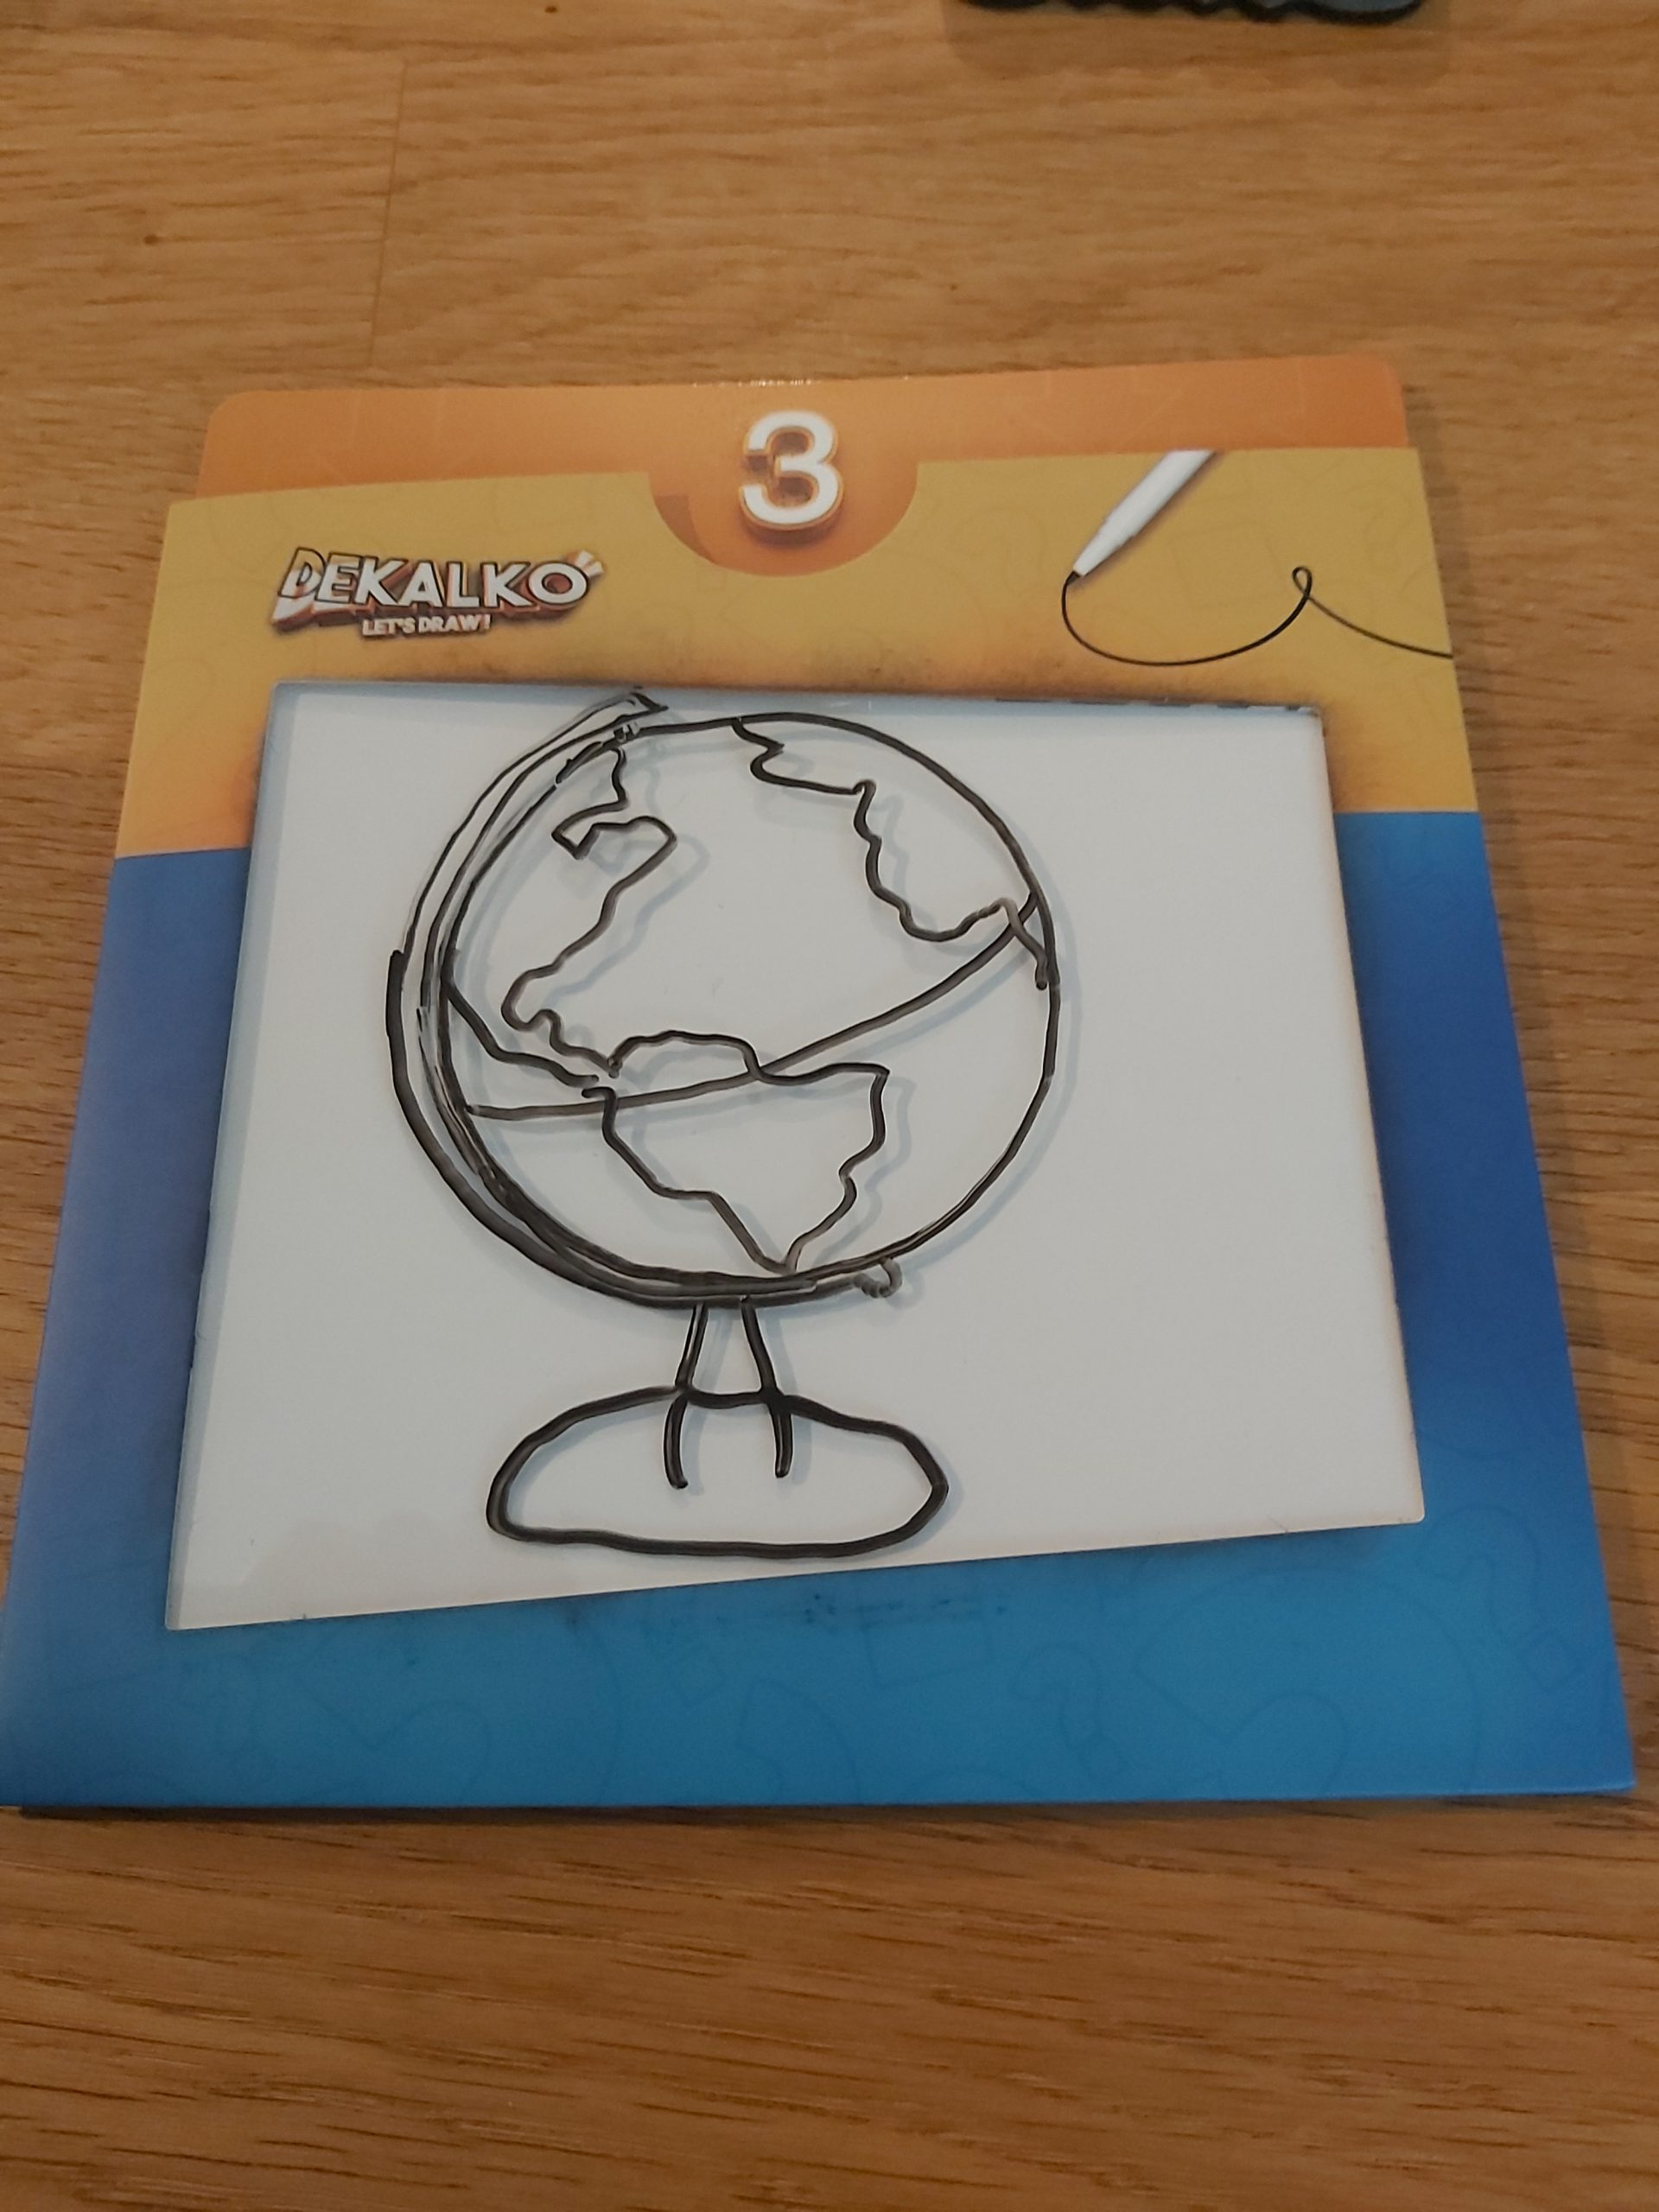 Zu sehen ist ein abgzeichneter Globus.